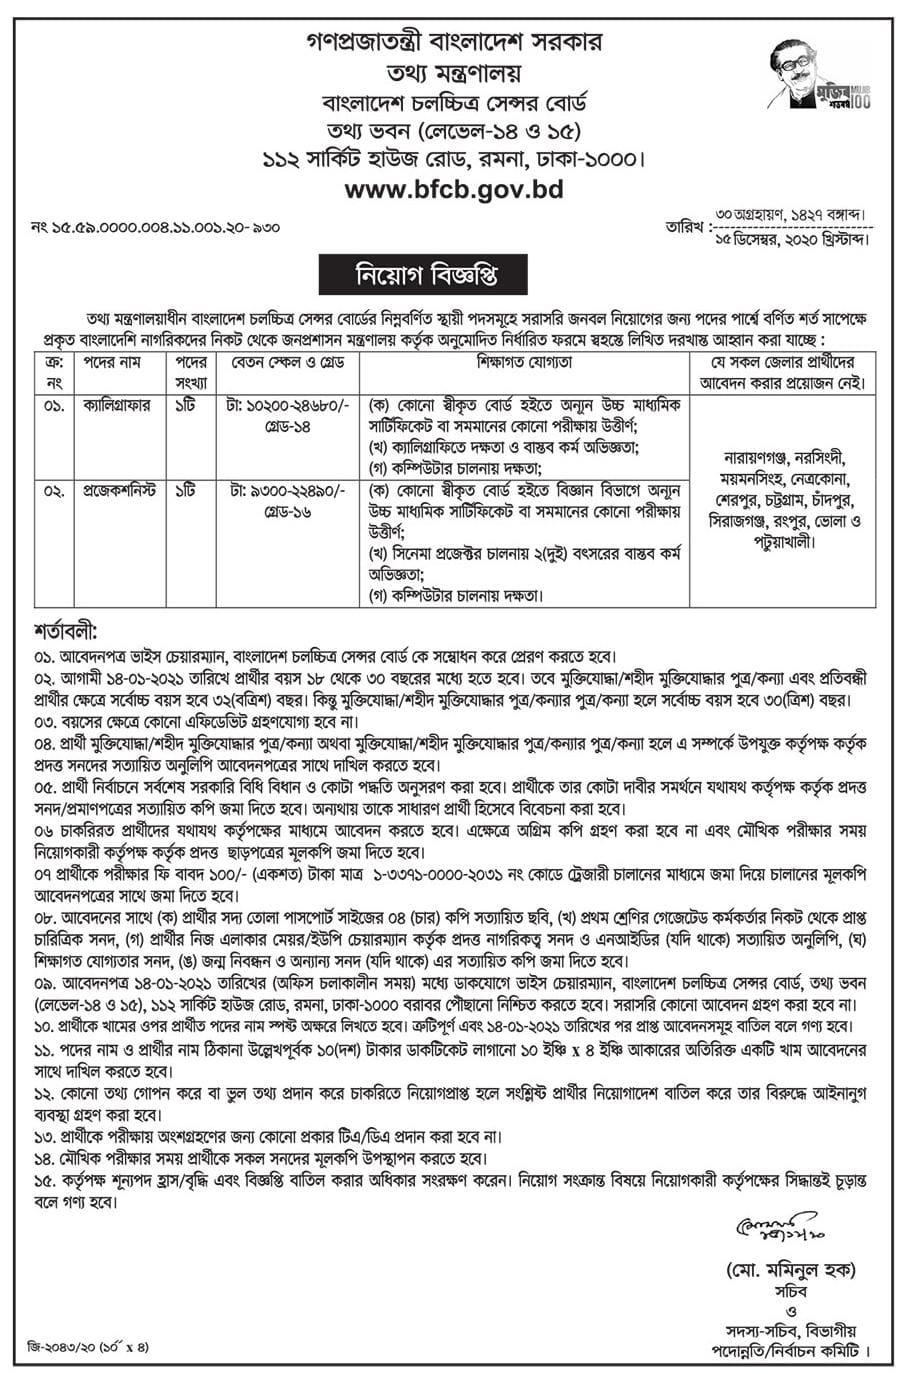 Bangladesh Film Censor Board BFCB Job Circular 2020